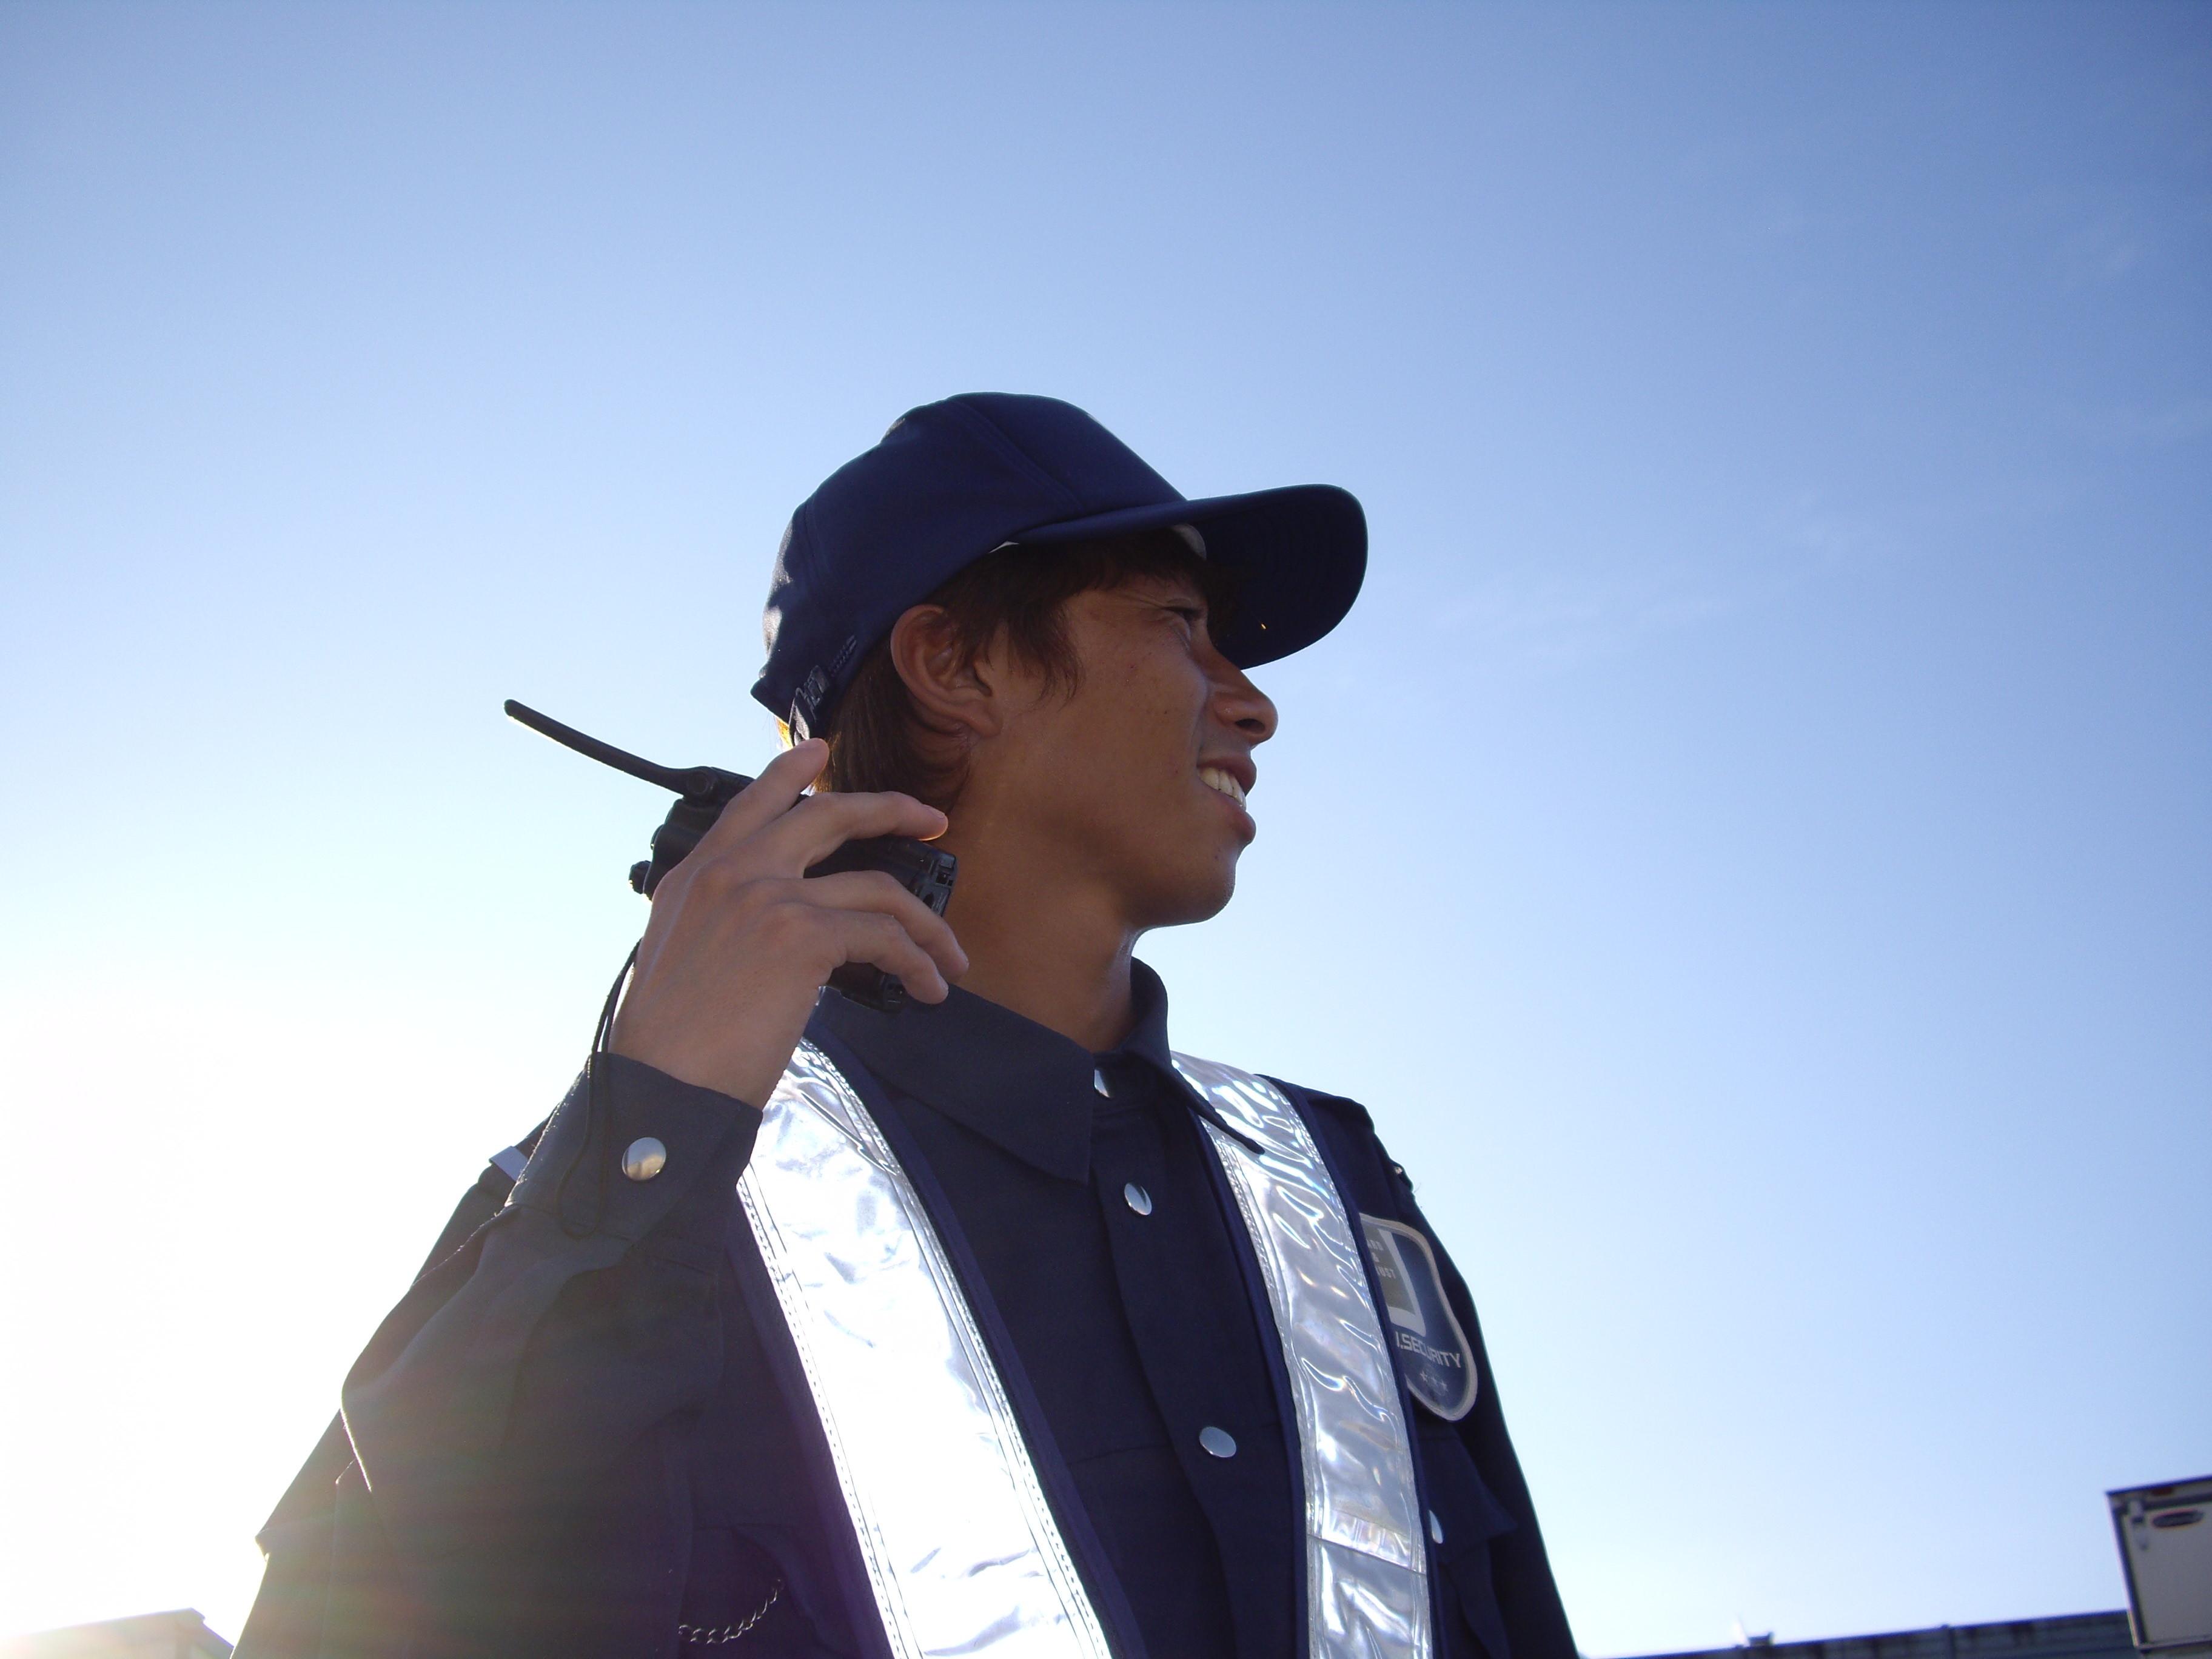 交通誘導スタッフ 岩船郡関川村エリア 株式会社J.SECURITYのアルバイト情報